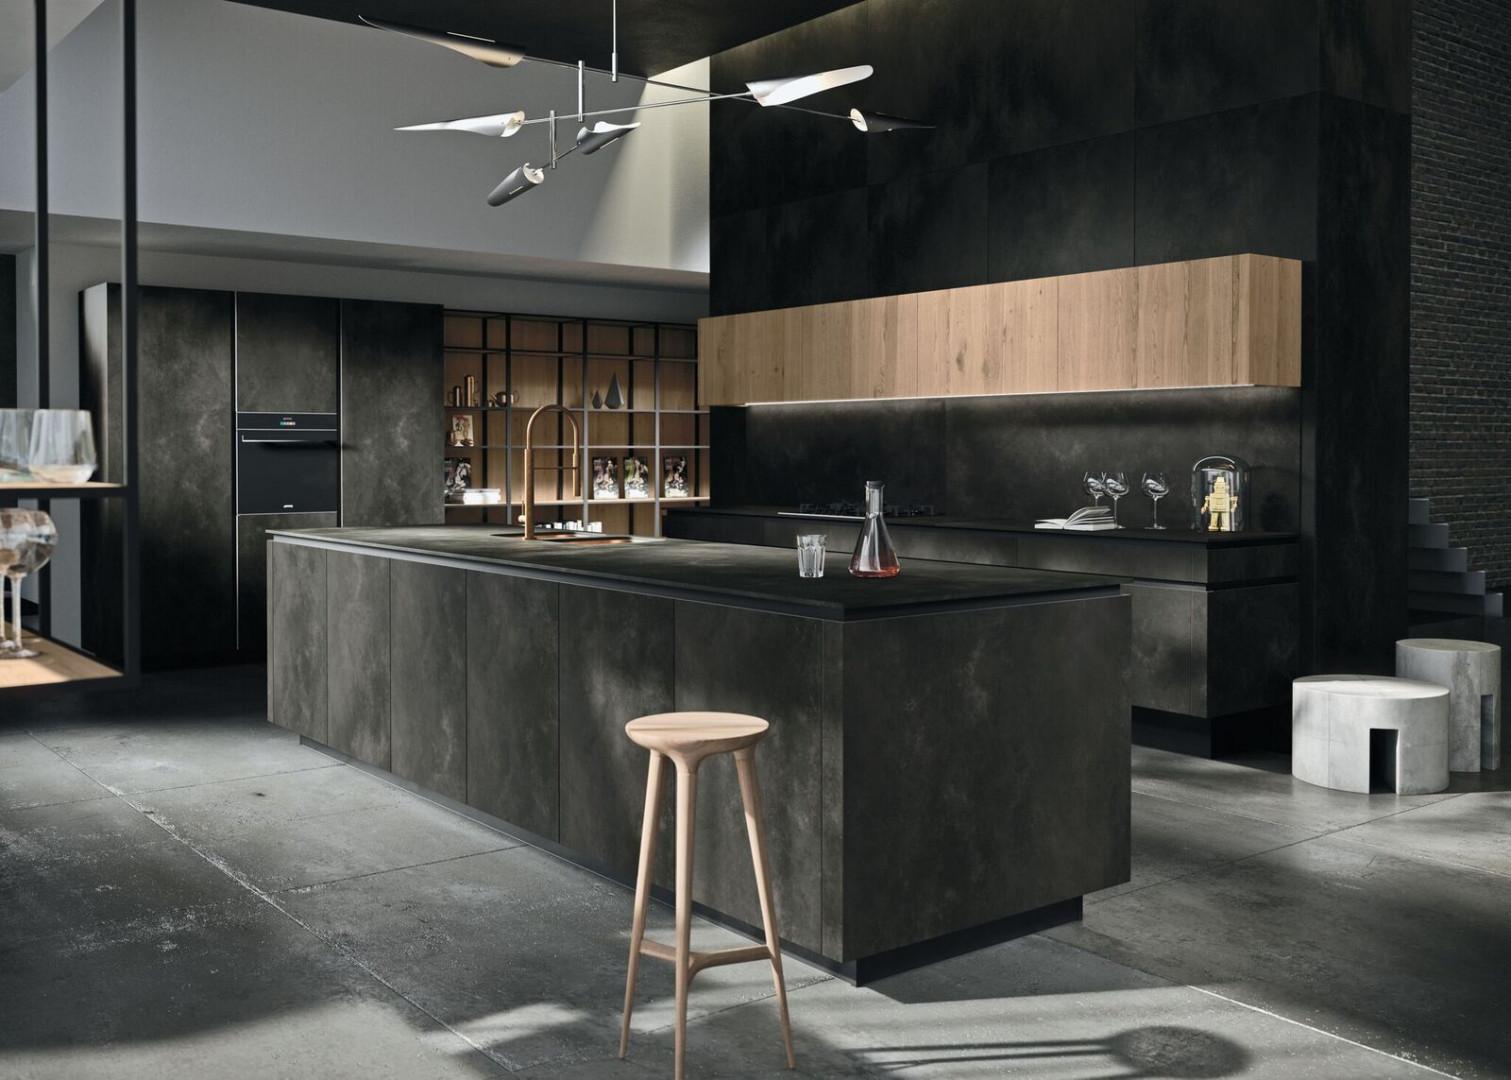 Kolory betonu stworzą industrialny klimat w kuchni. Fot. Laminam